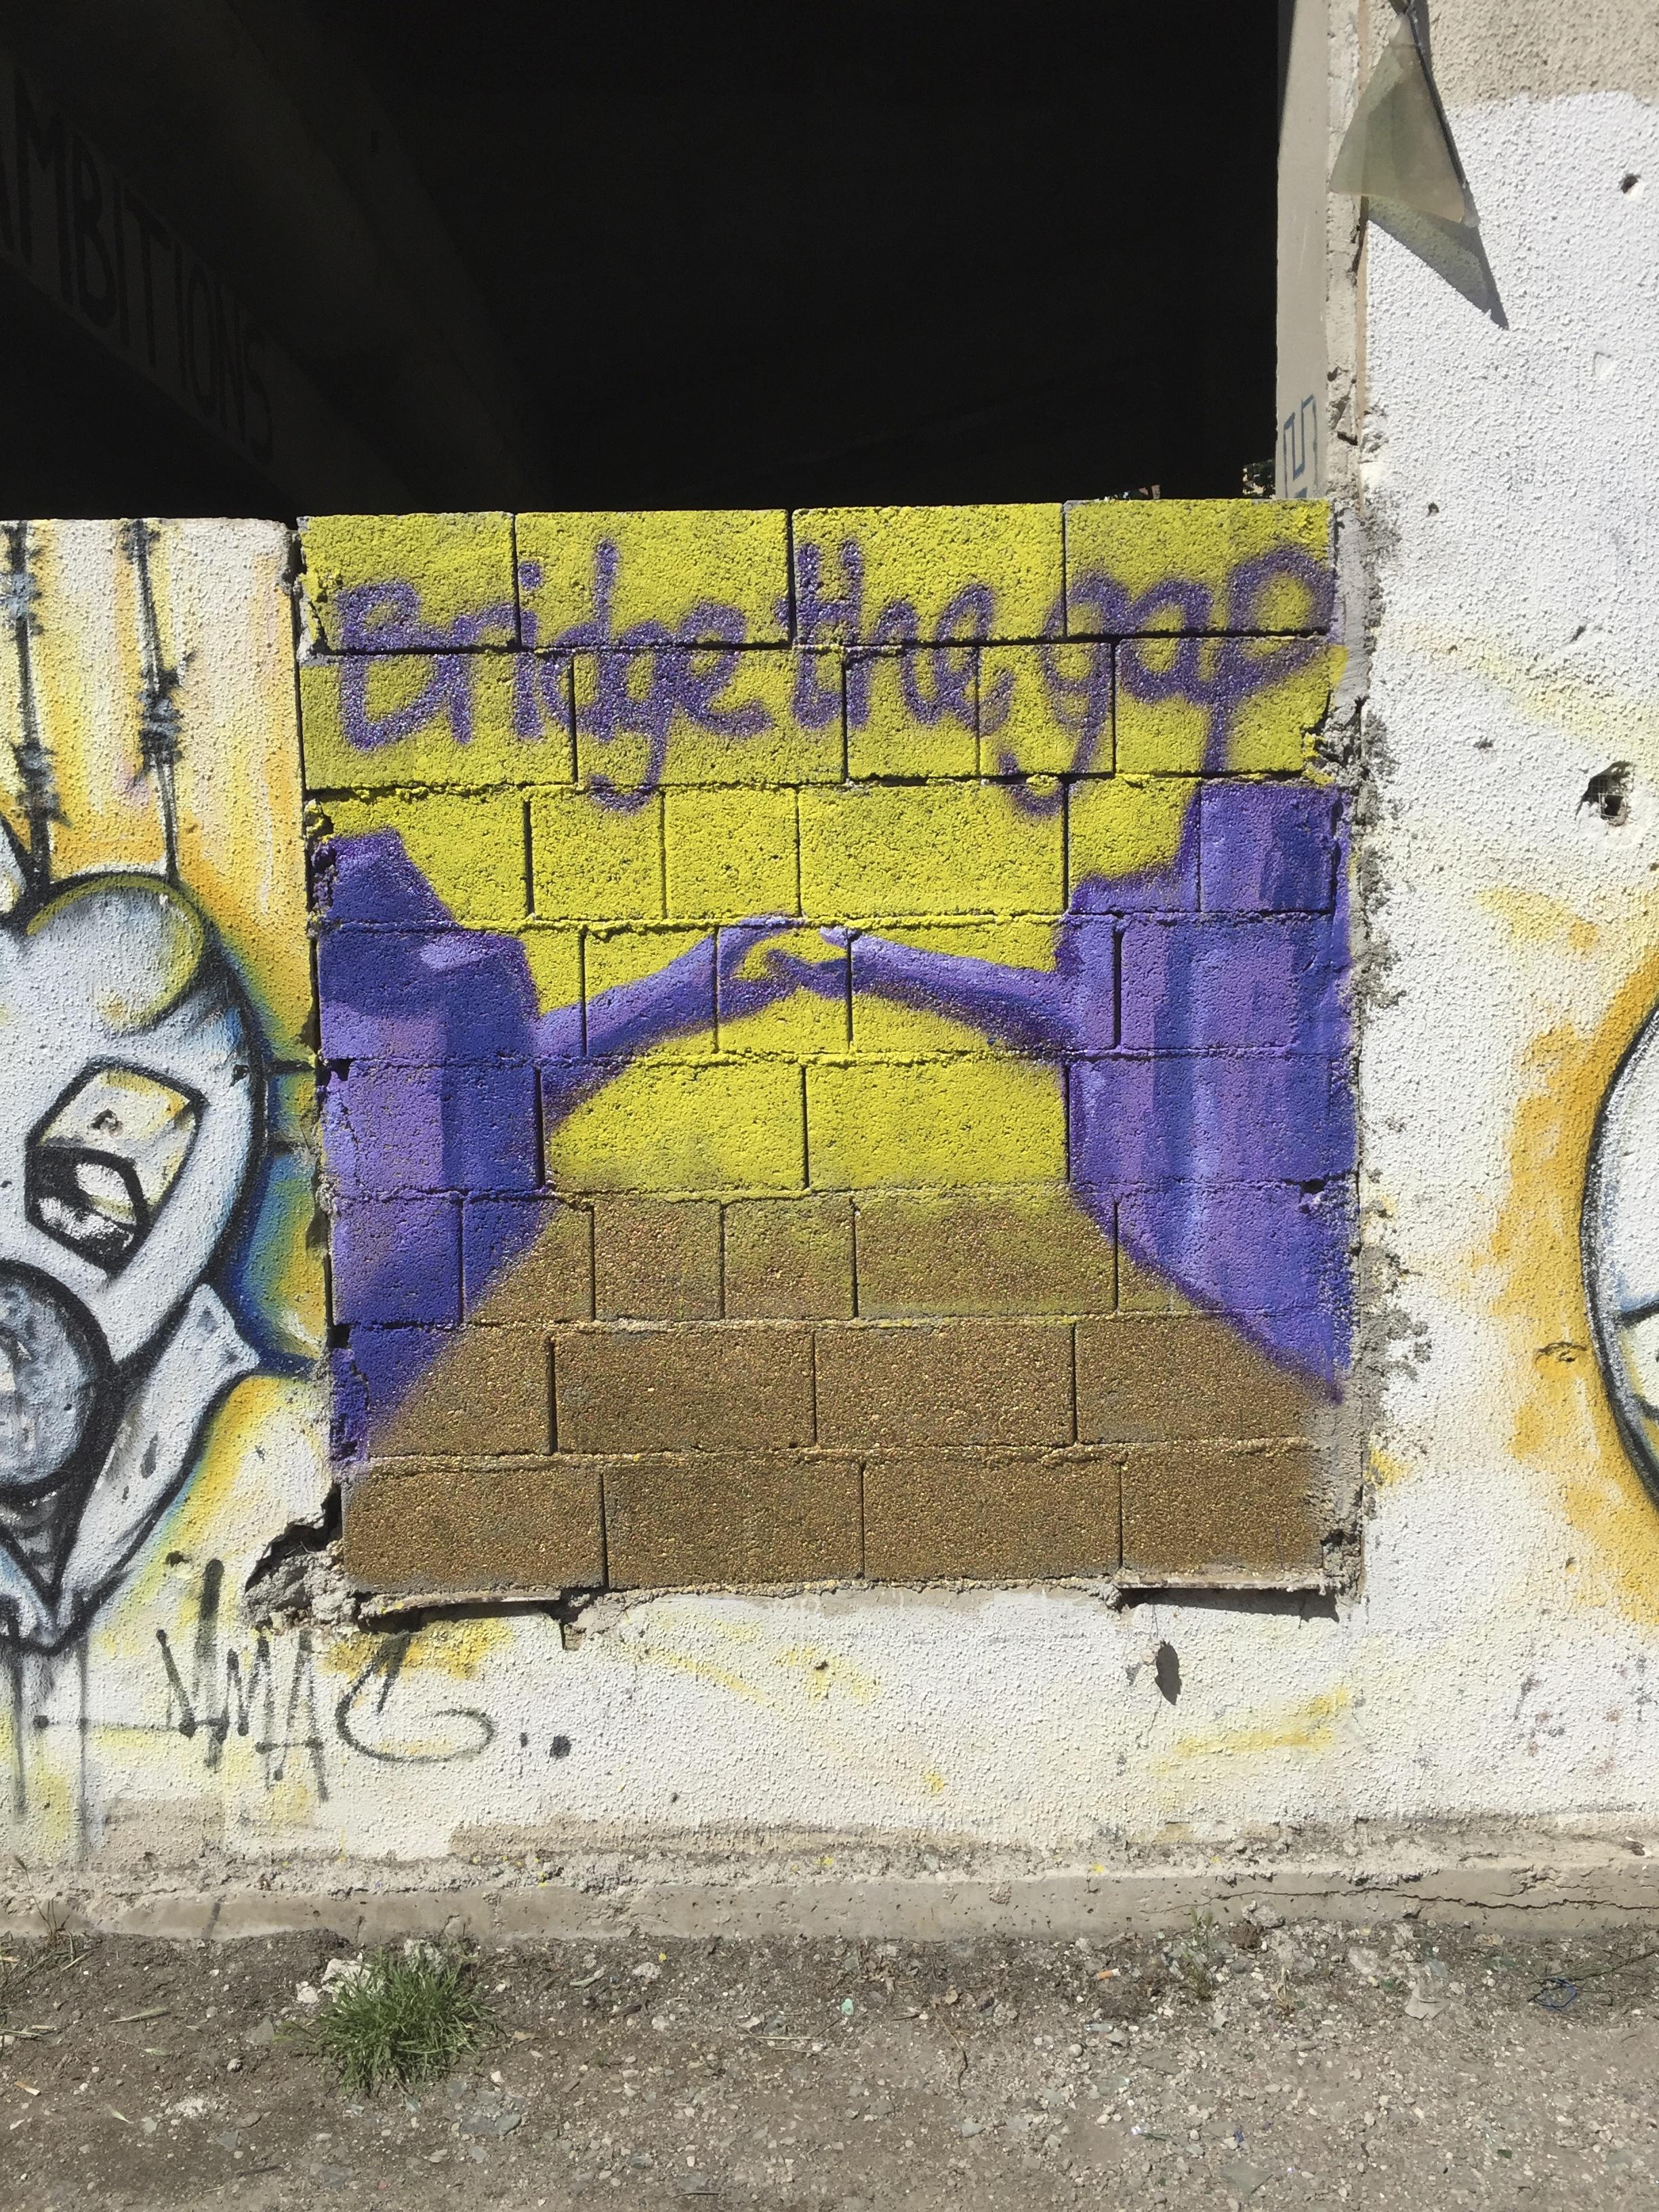 Mostar graffiti